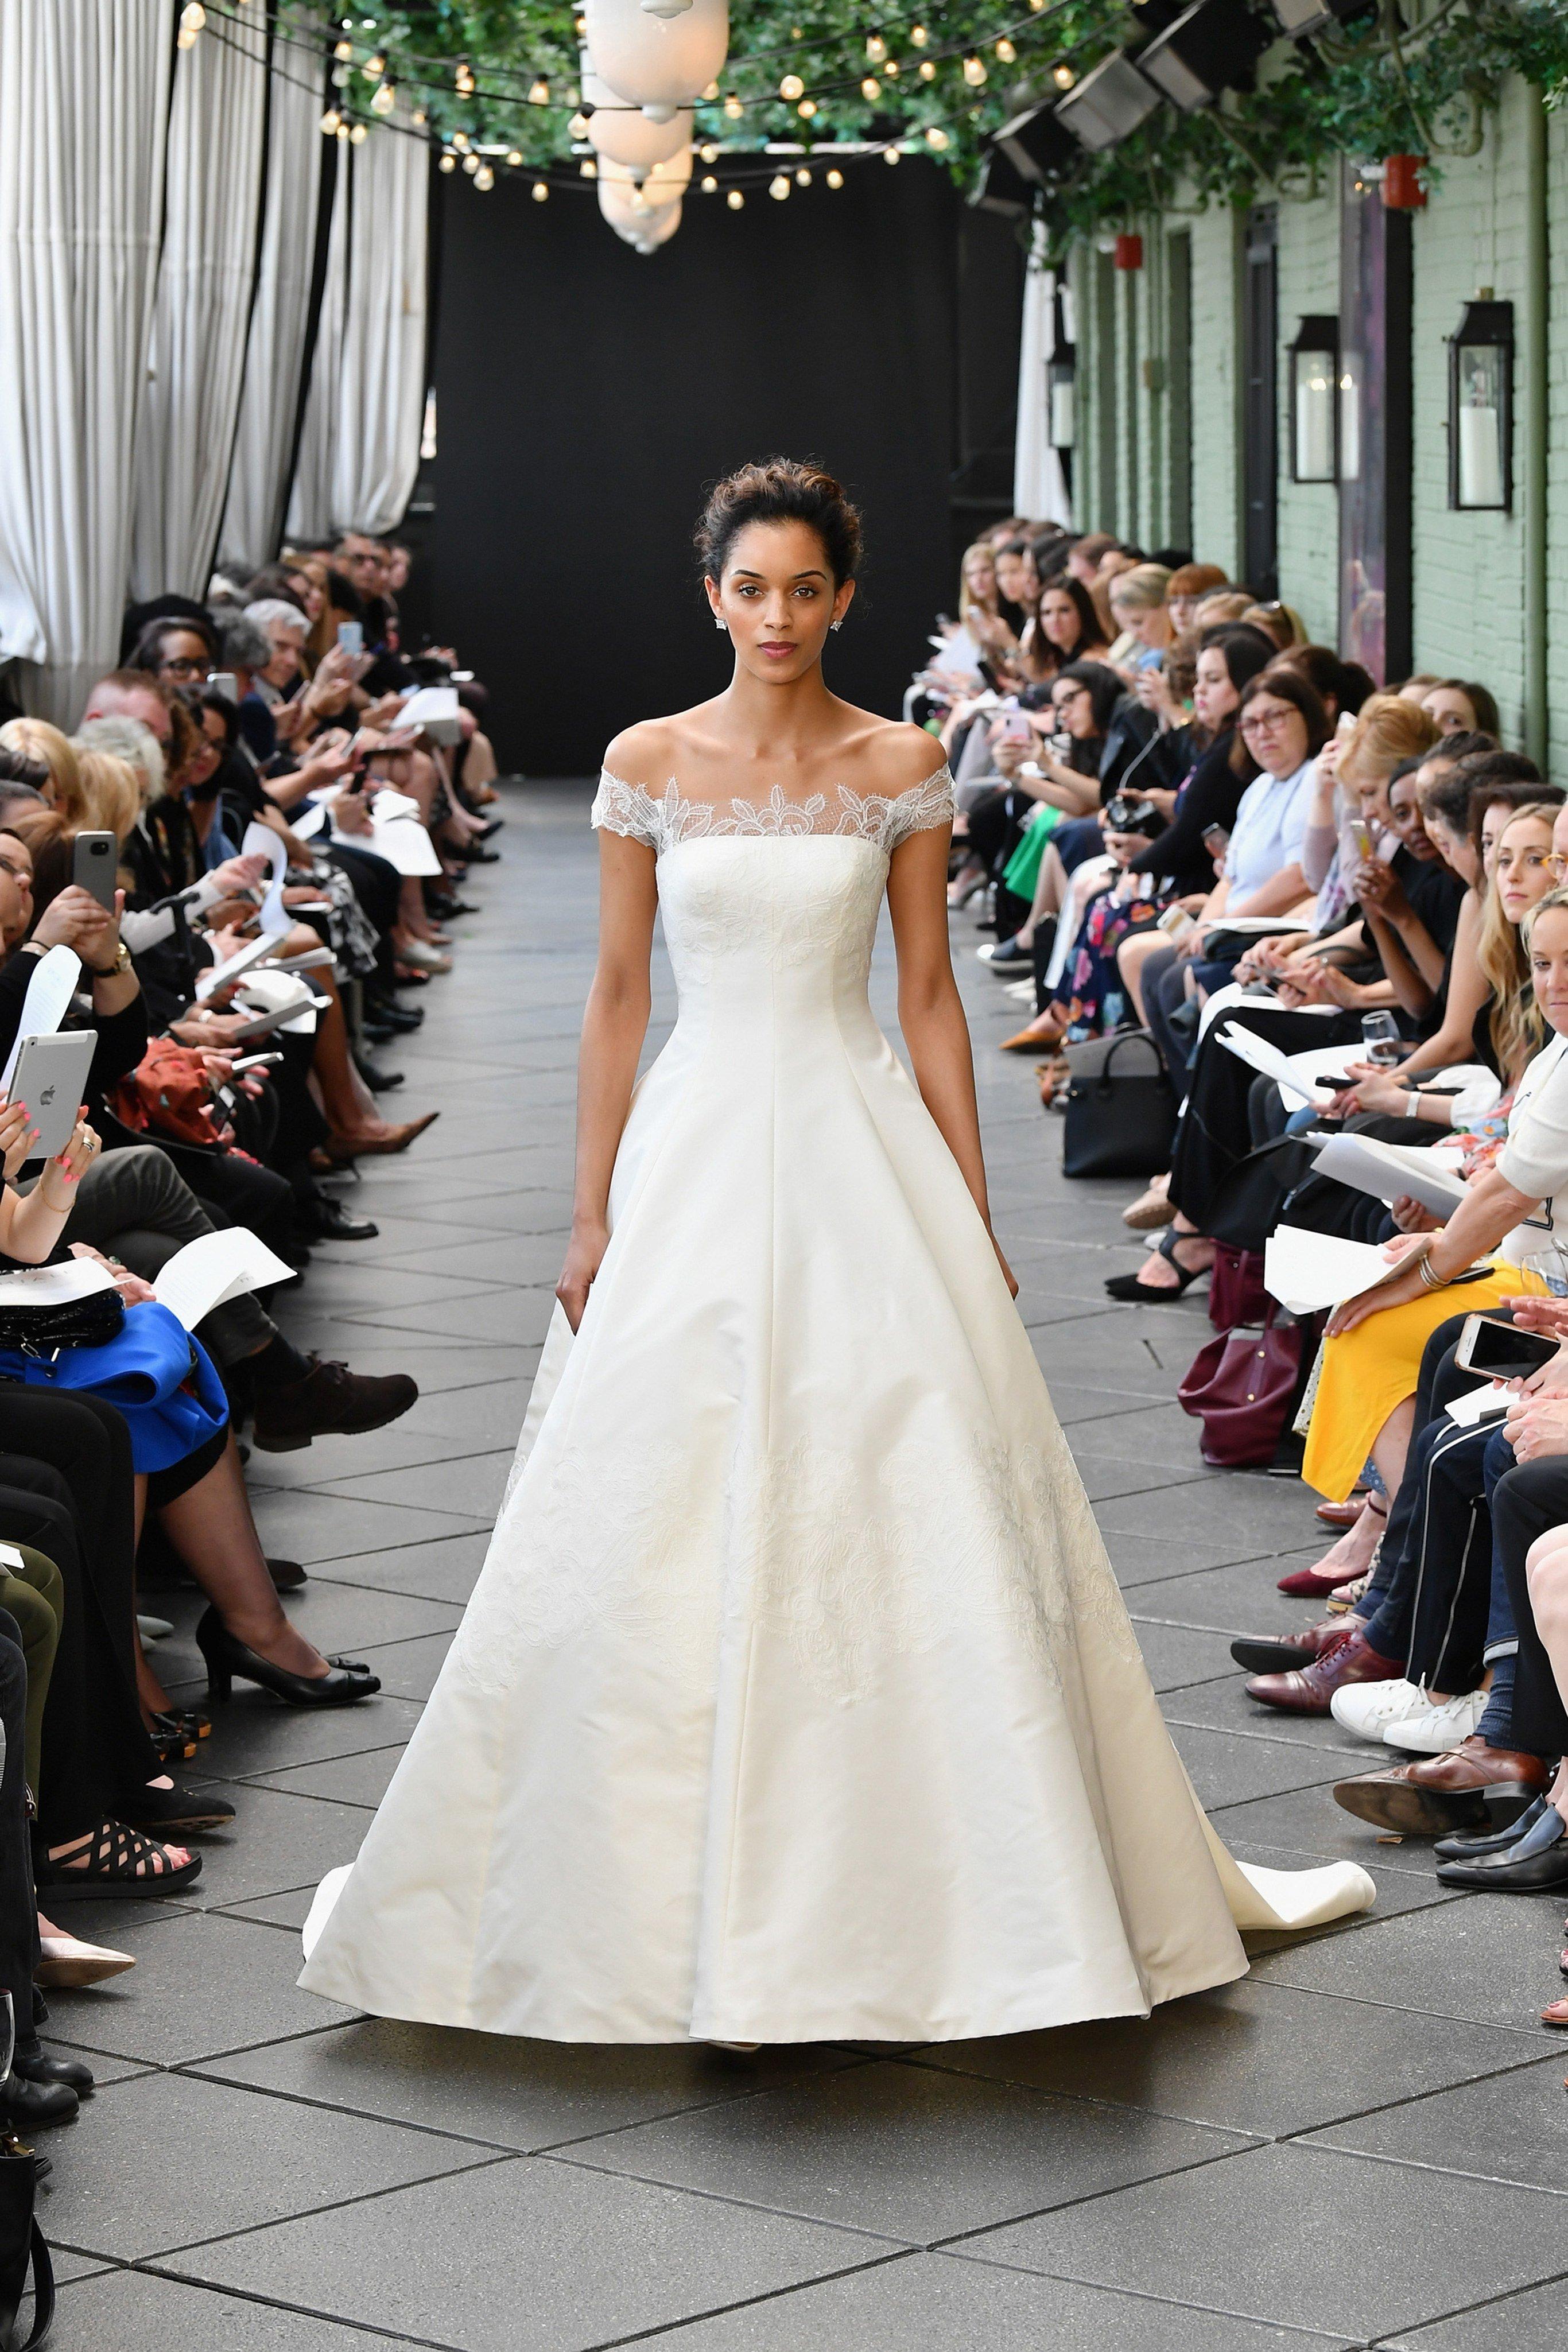 849cb522a2643 صور فساتين زفاف من مجموعات العرائس لربيع 2019. فستان فرح من Viktor   Rolf  فستان فرح من Amsale ...